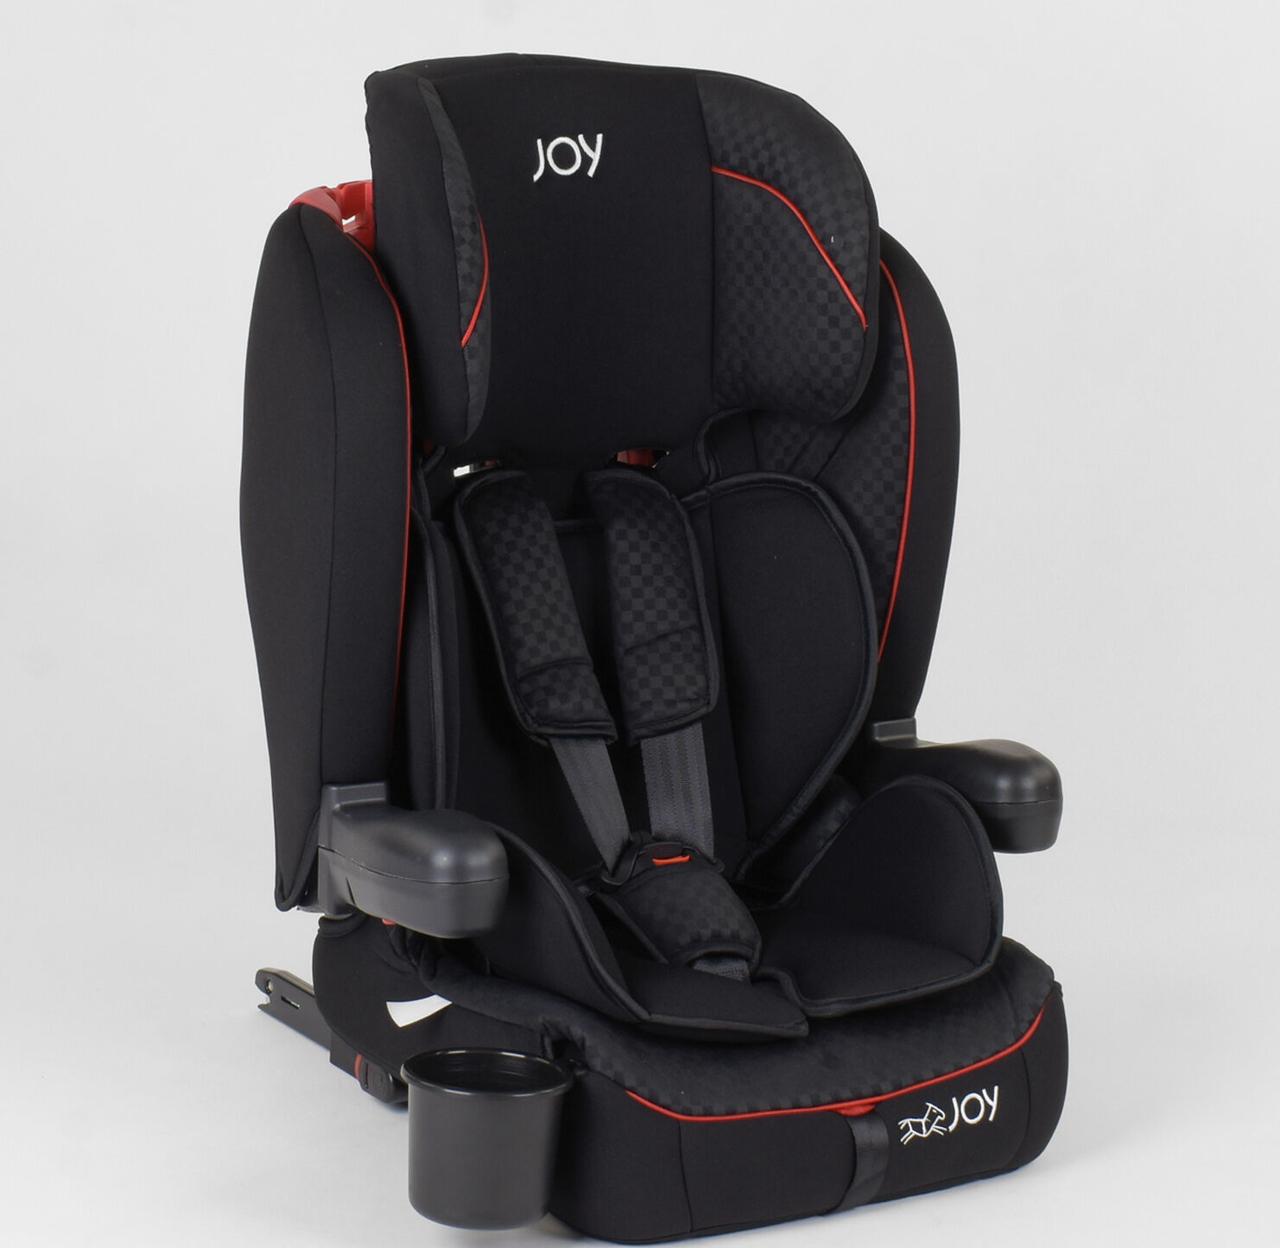 Дитяче автокрісло JOY ISOFIX 88235 (9-36 кг) чорне